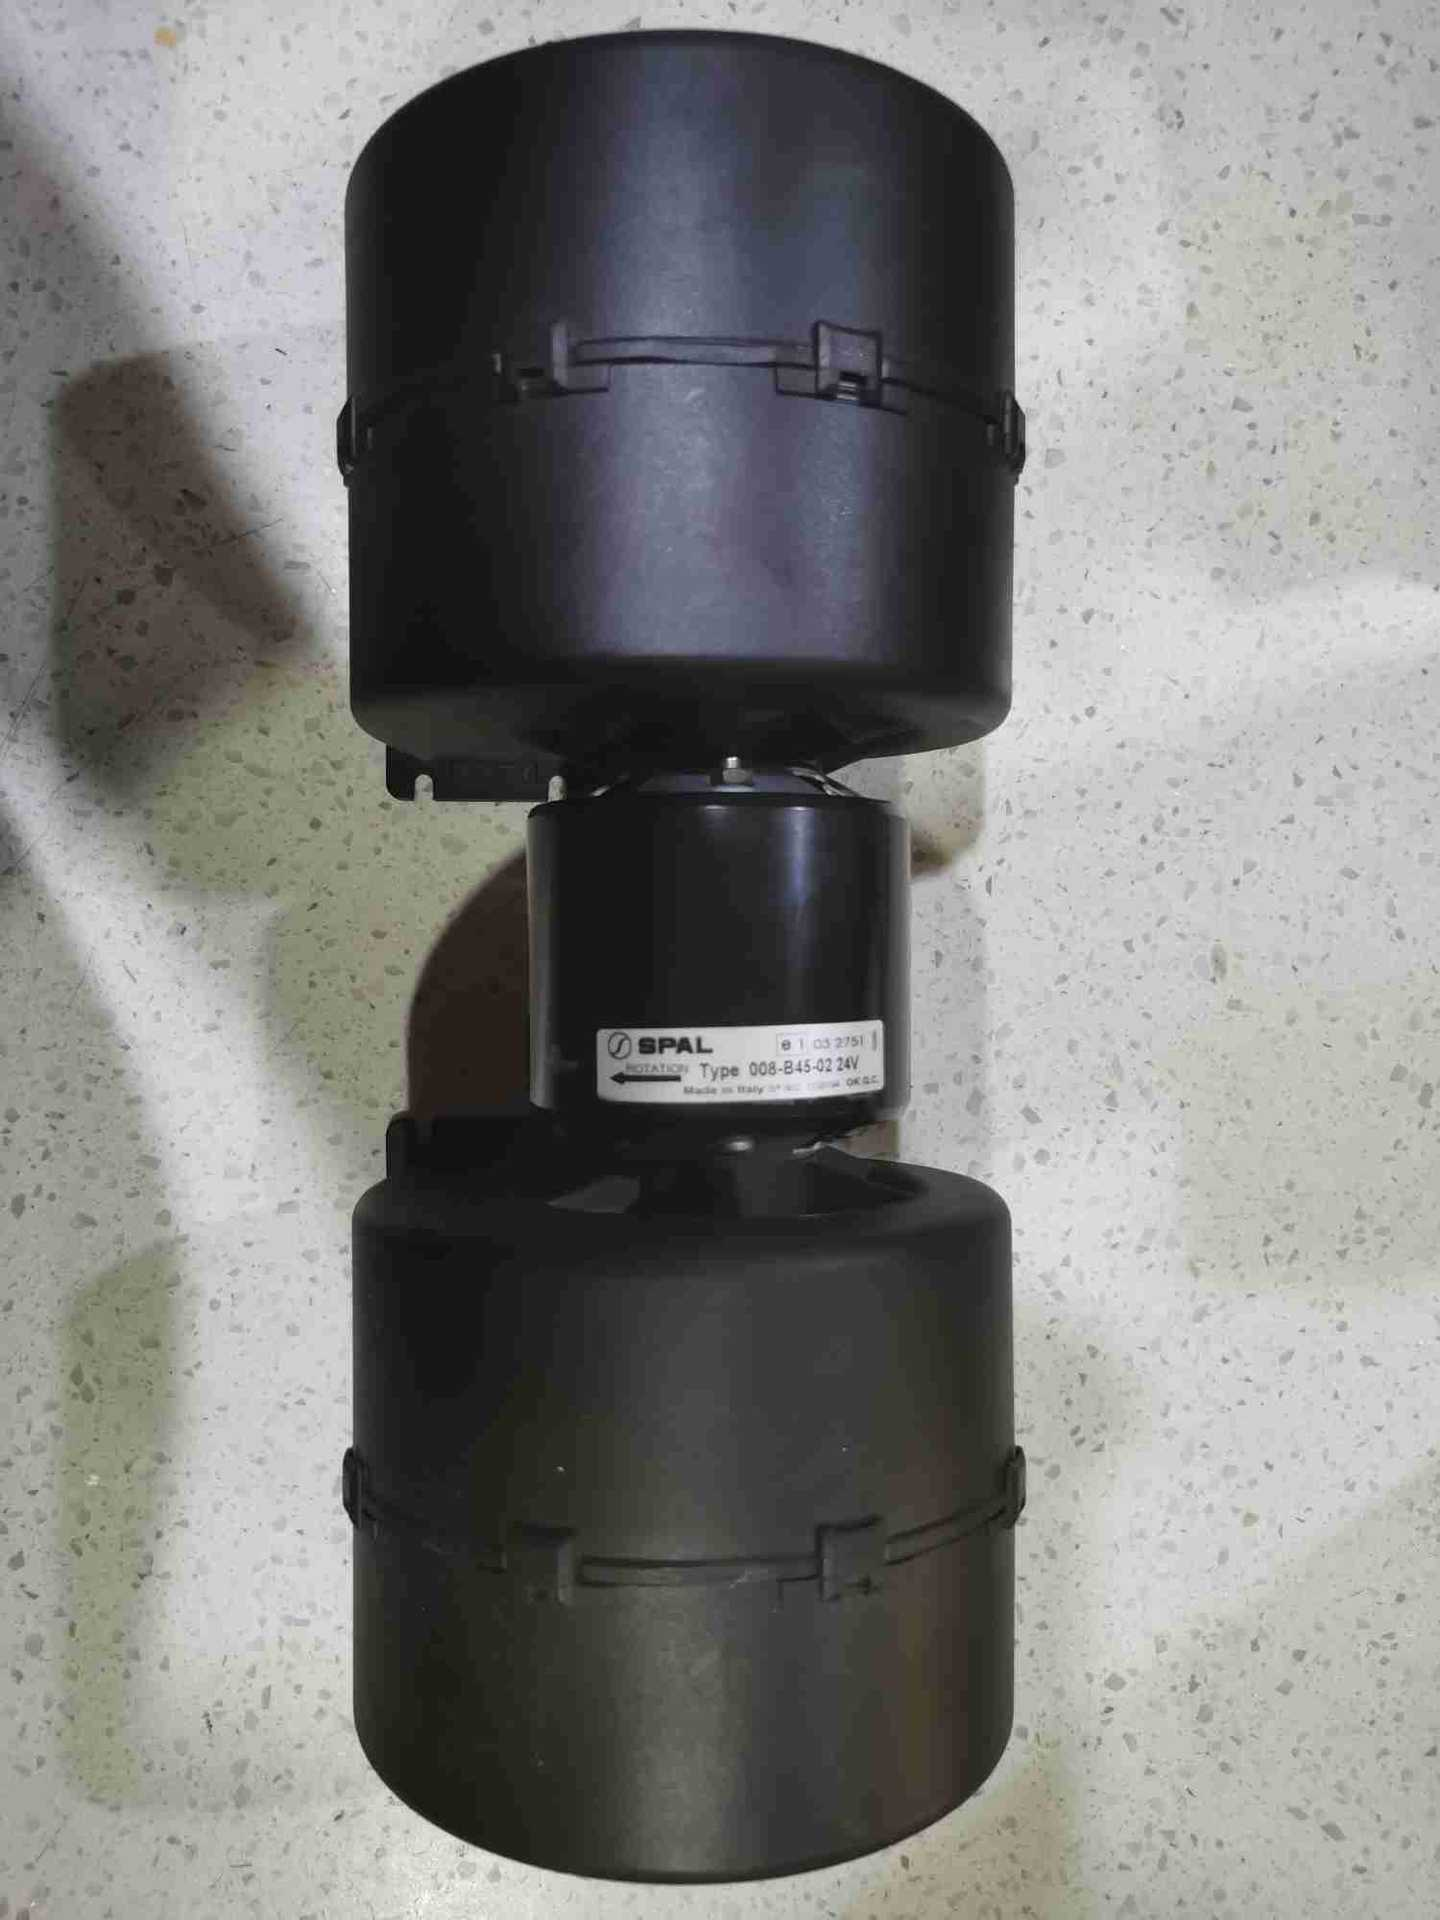 斯佩尔SPAL008-B45-02意大利进口原厂鼓风机